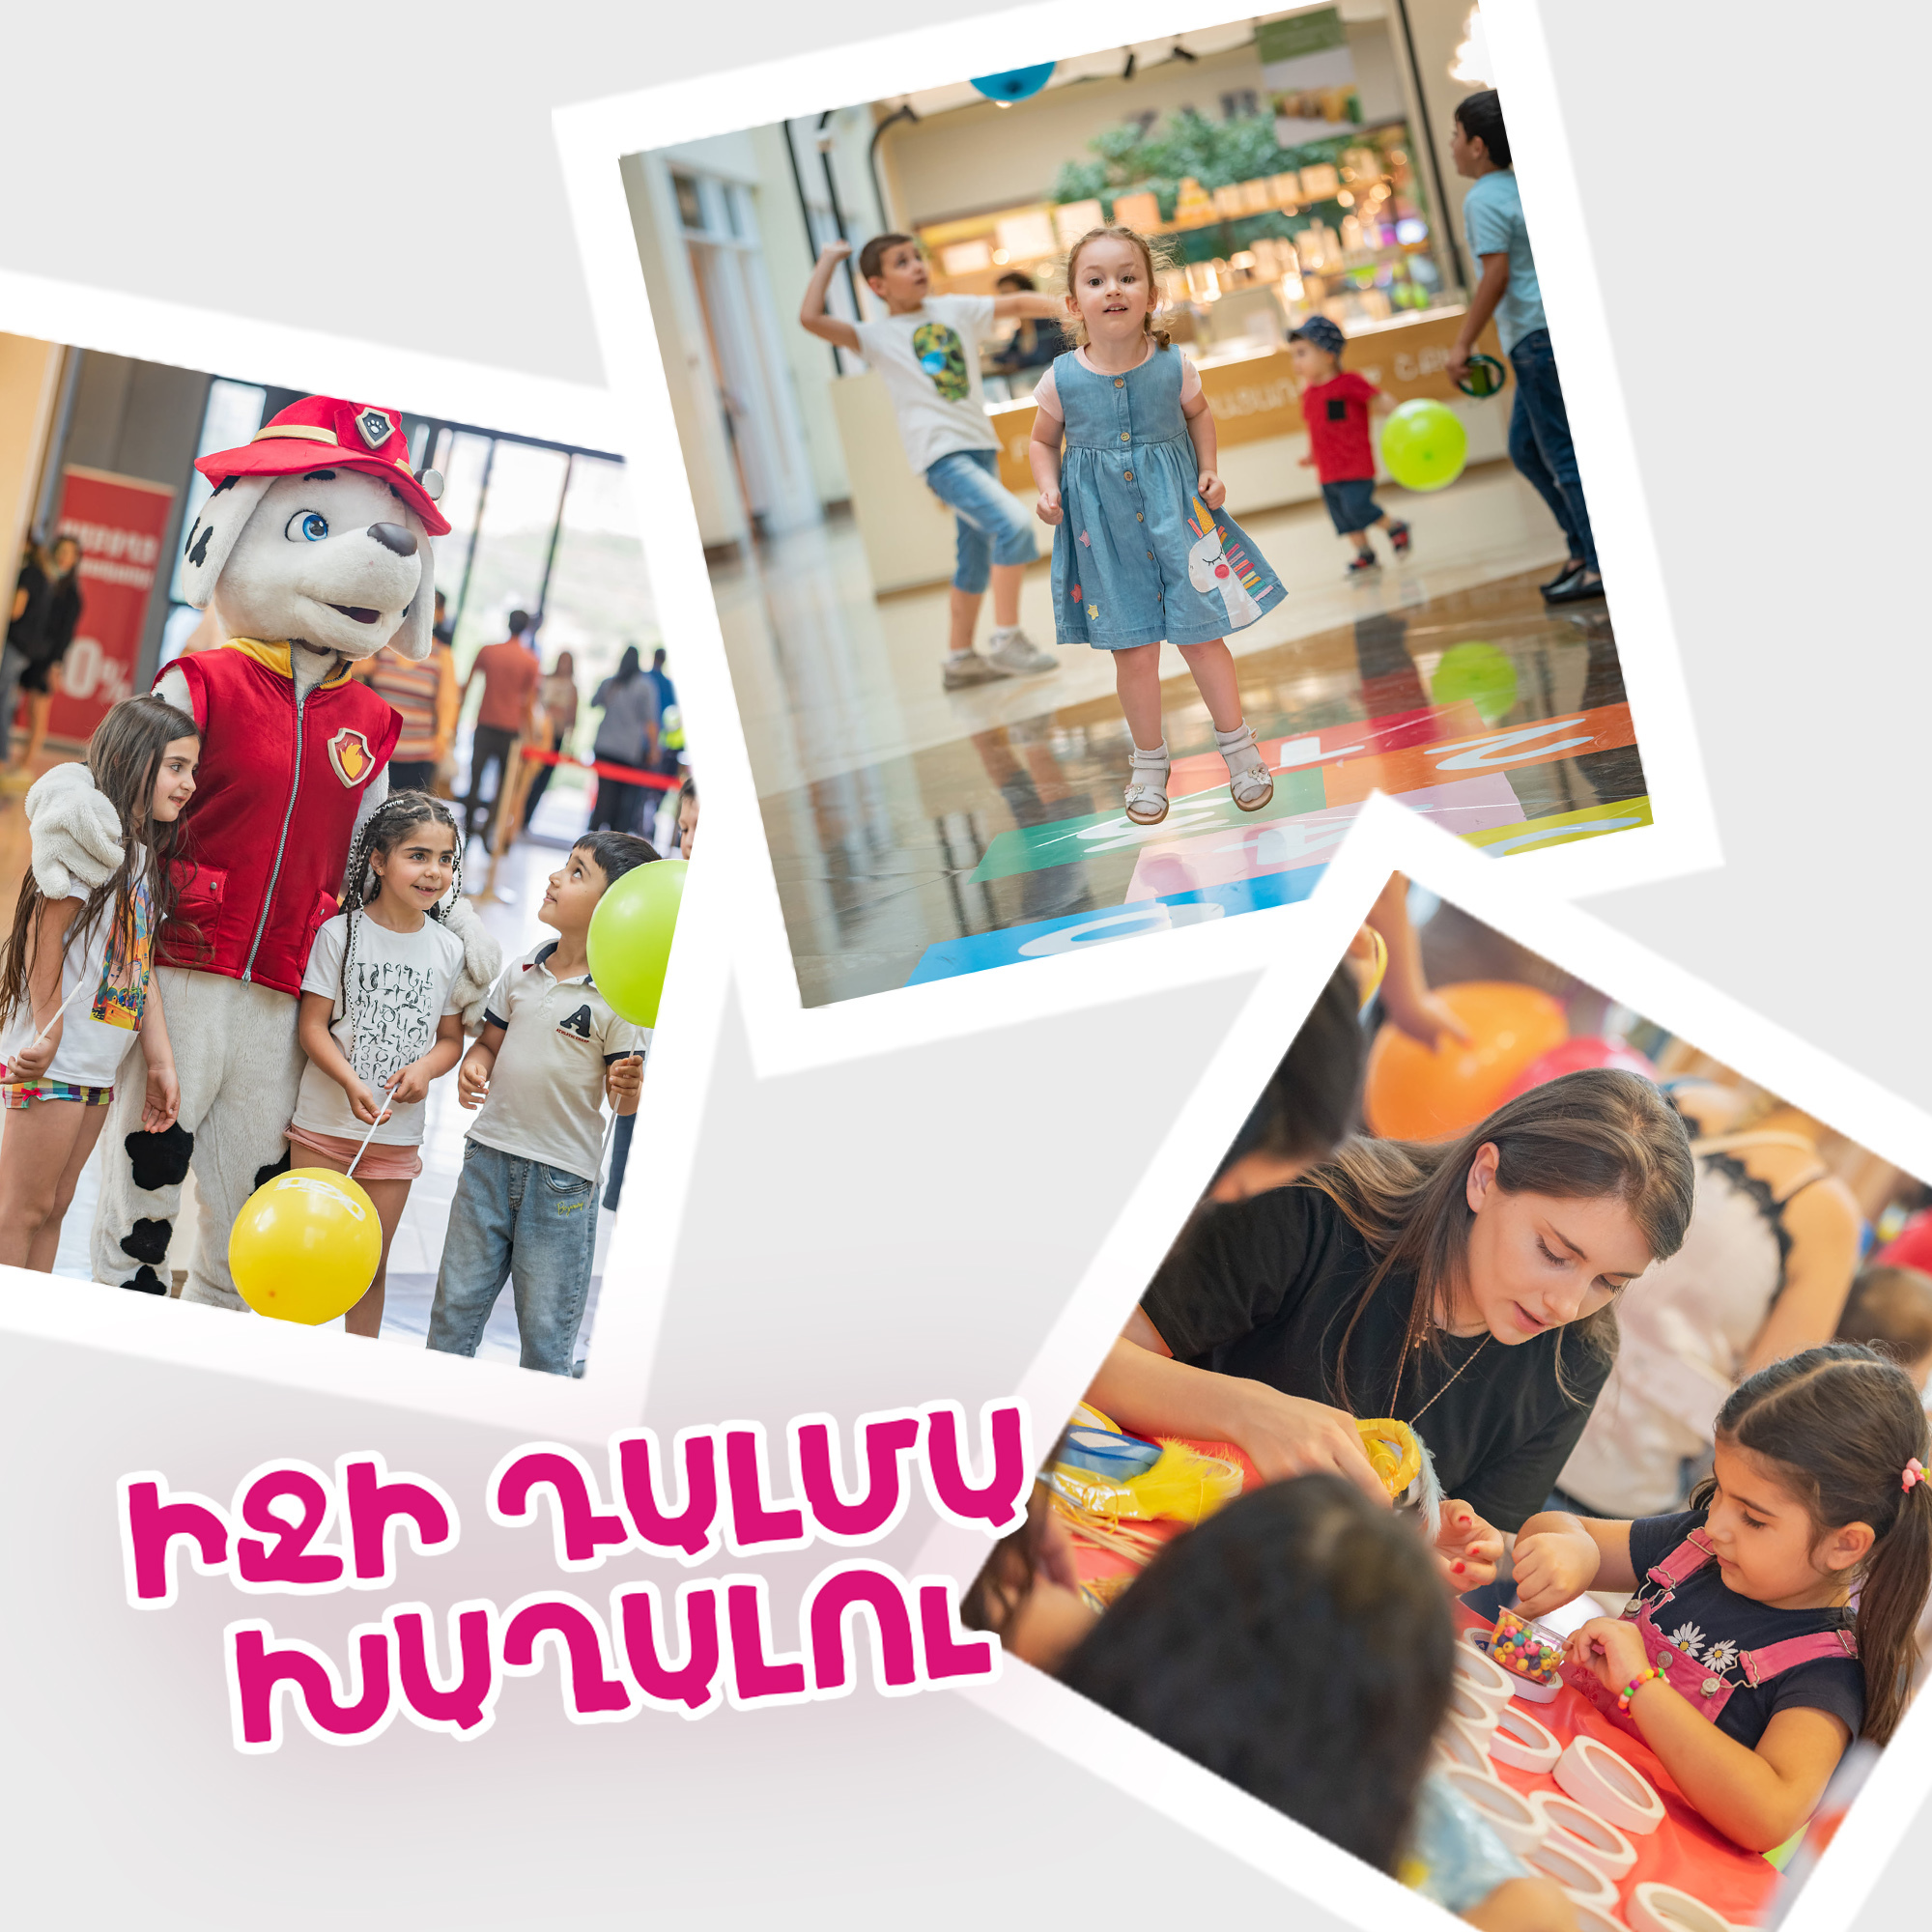 Приходи в Далма поиграть!  Международный день защиты детей в Далма.